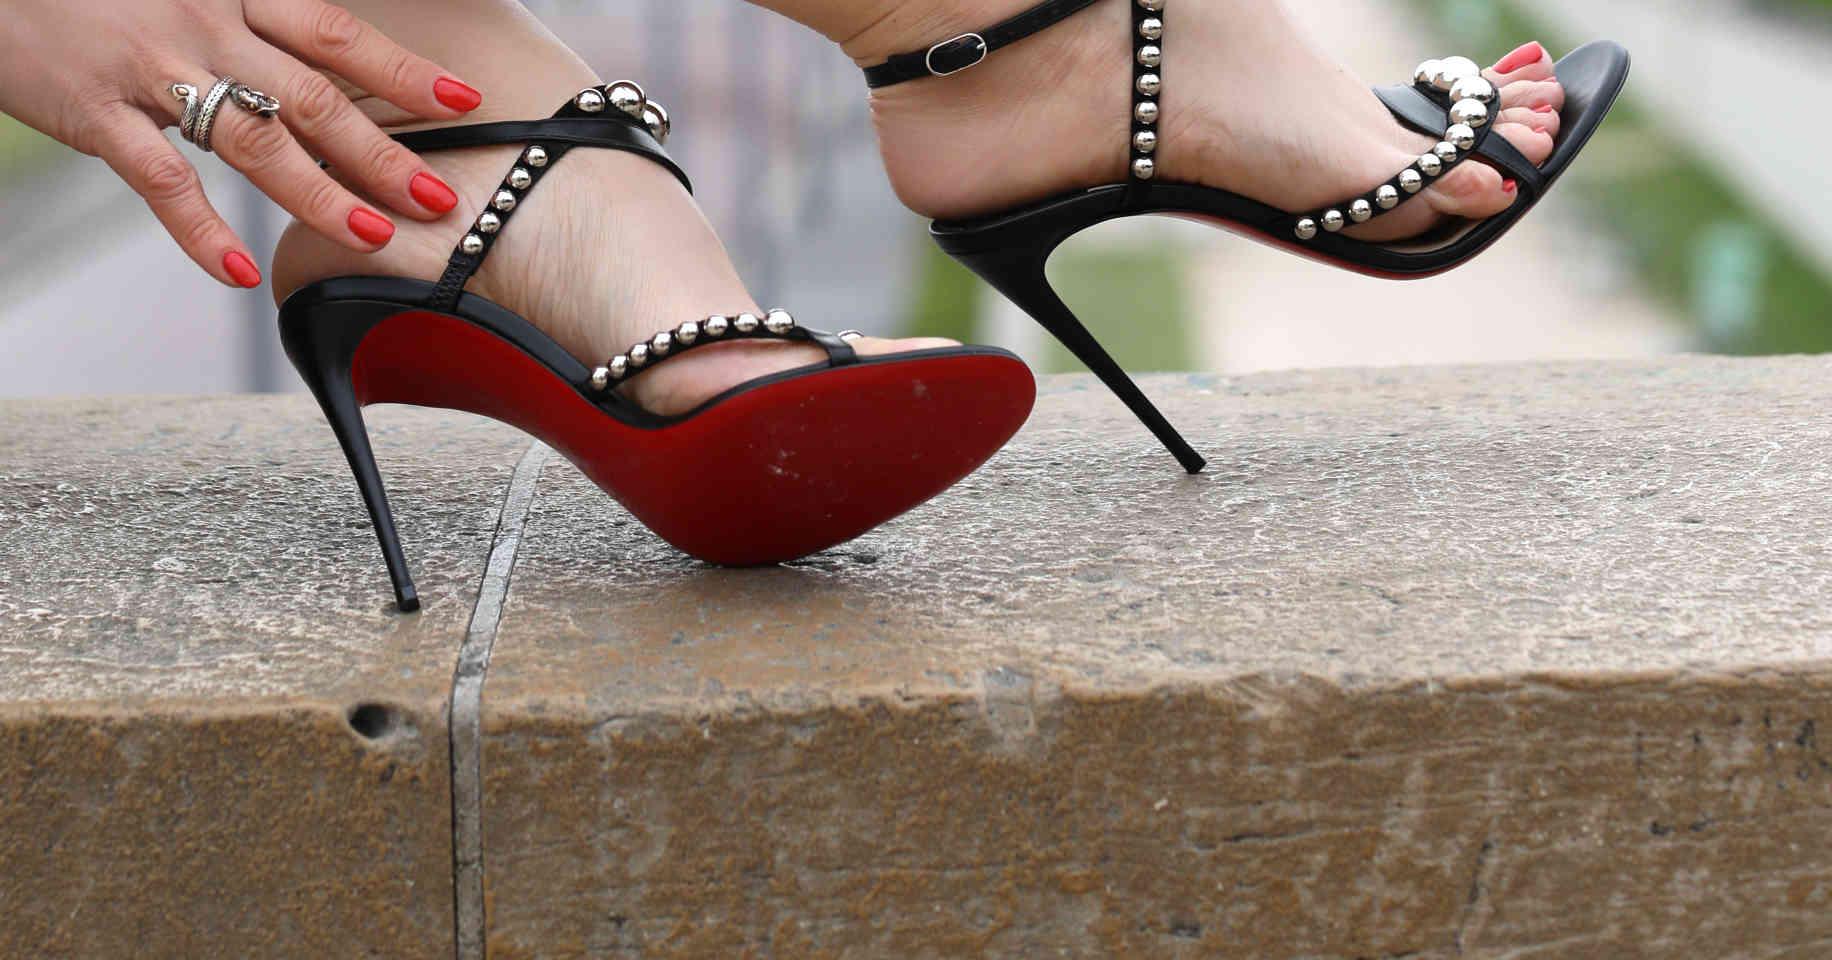 Footfetish Paris